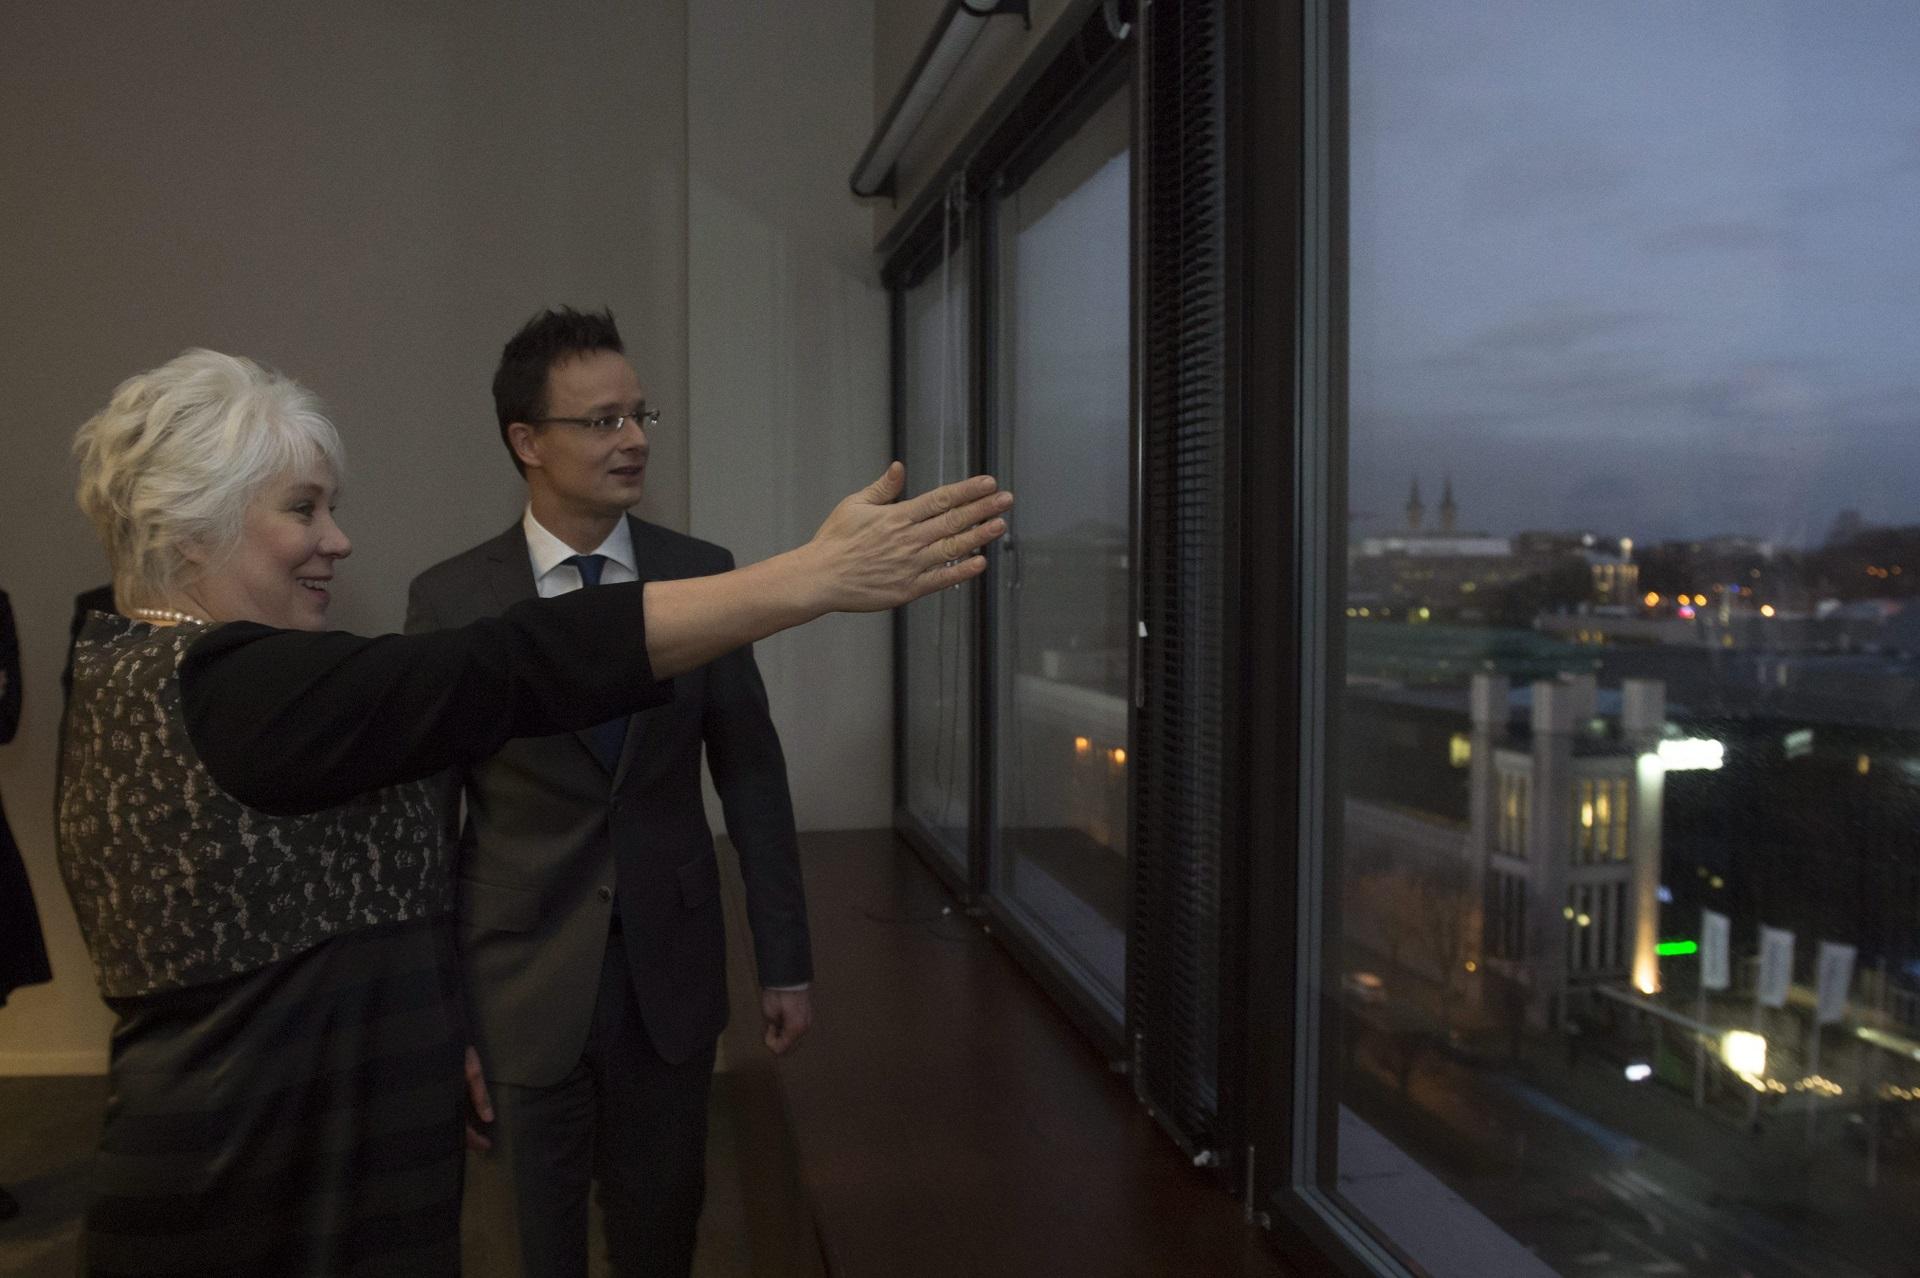 Szijjártónak bemutatták az észt ablakot